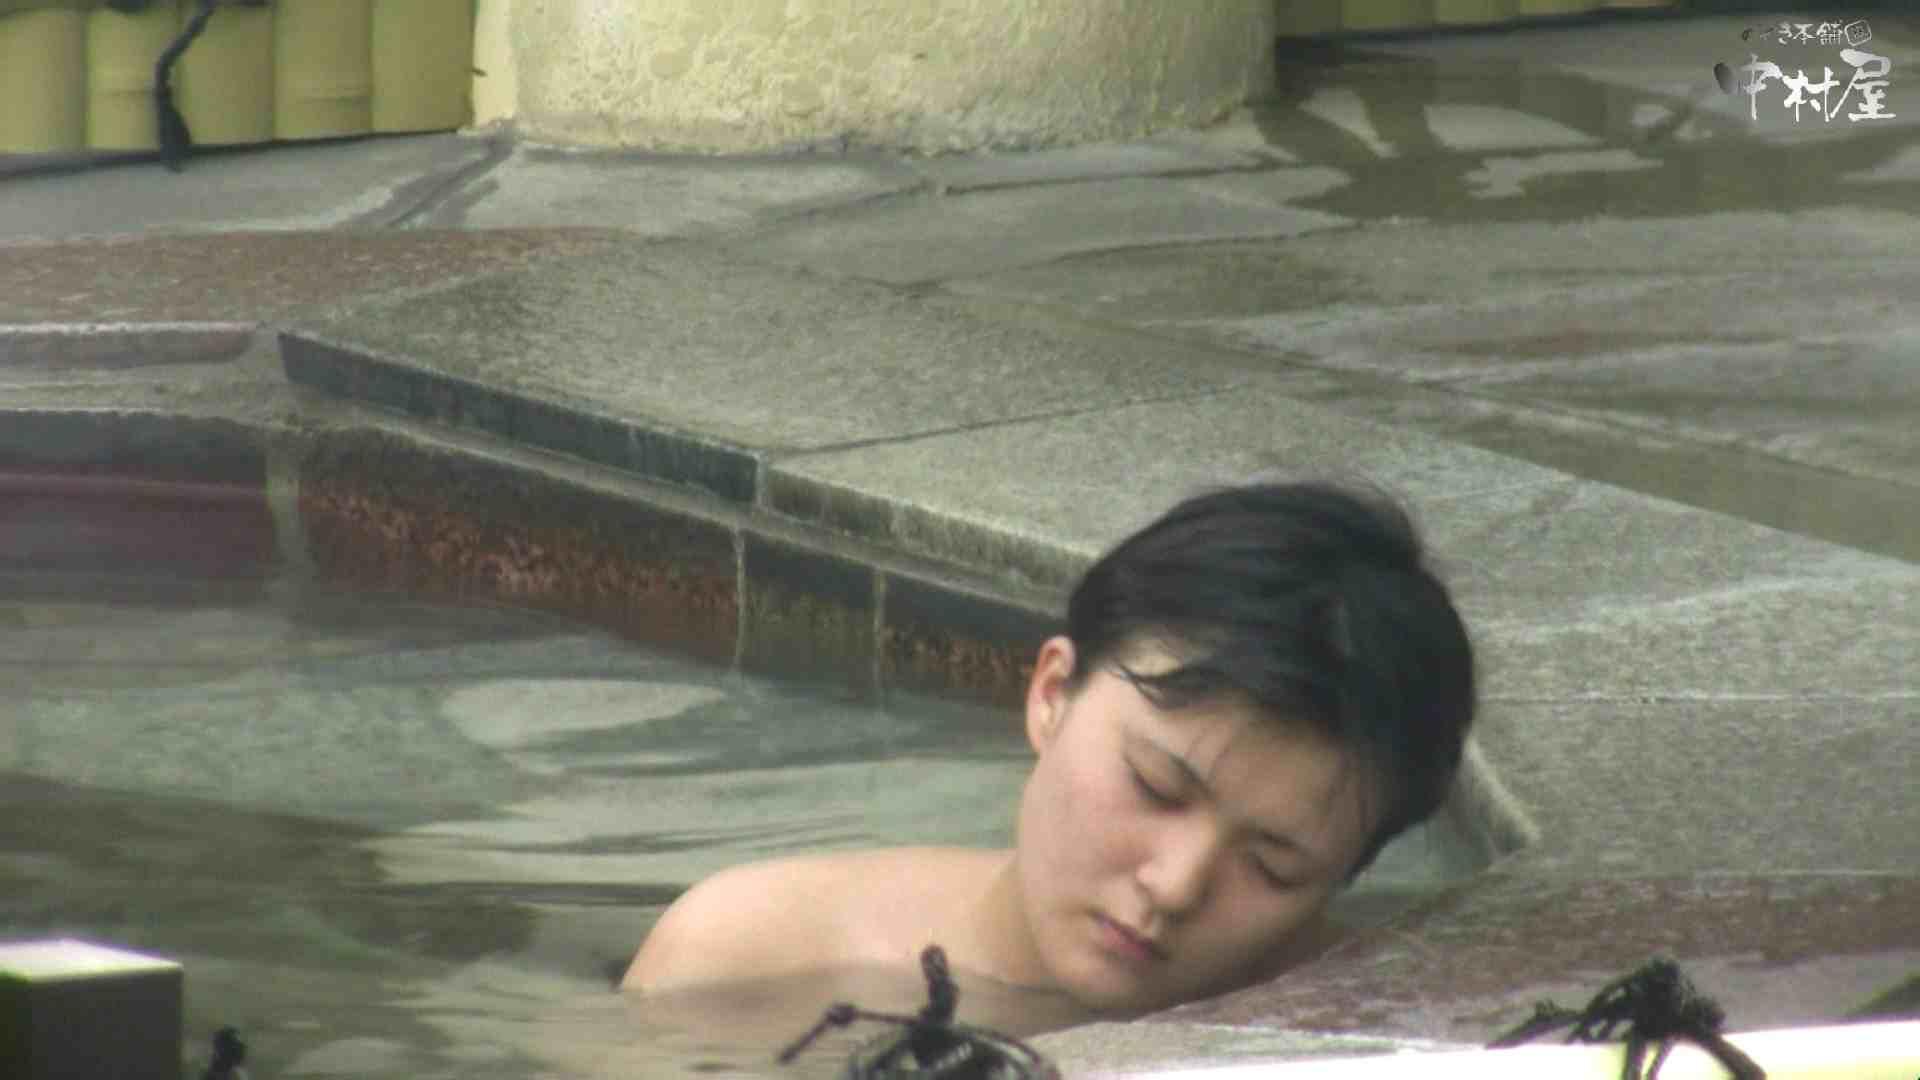 Aquaな露天風呂Vol.894 盗撮シリーズ  85PIX 26